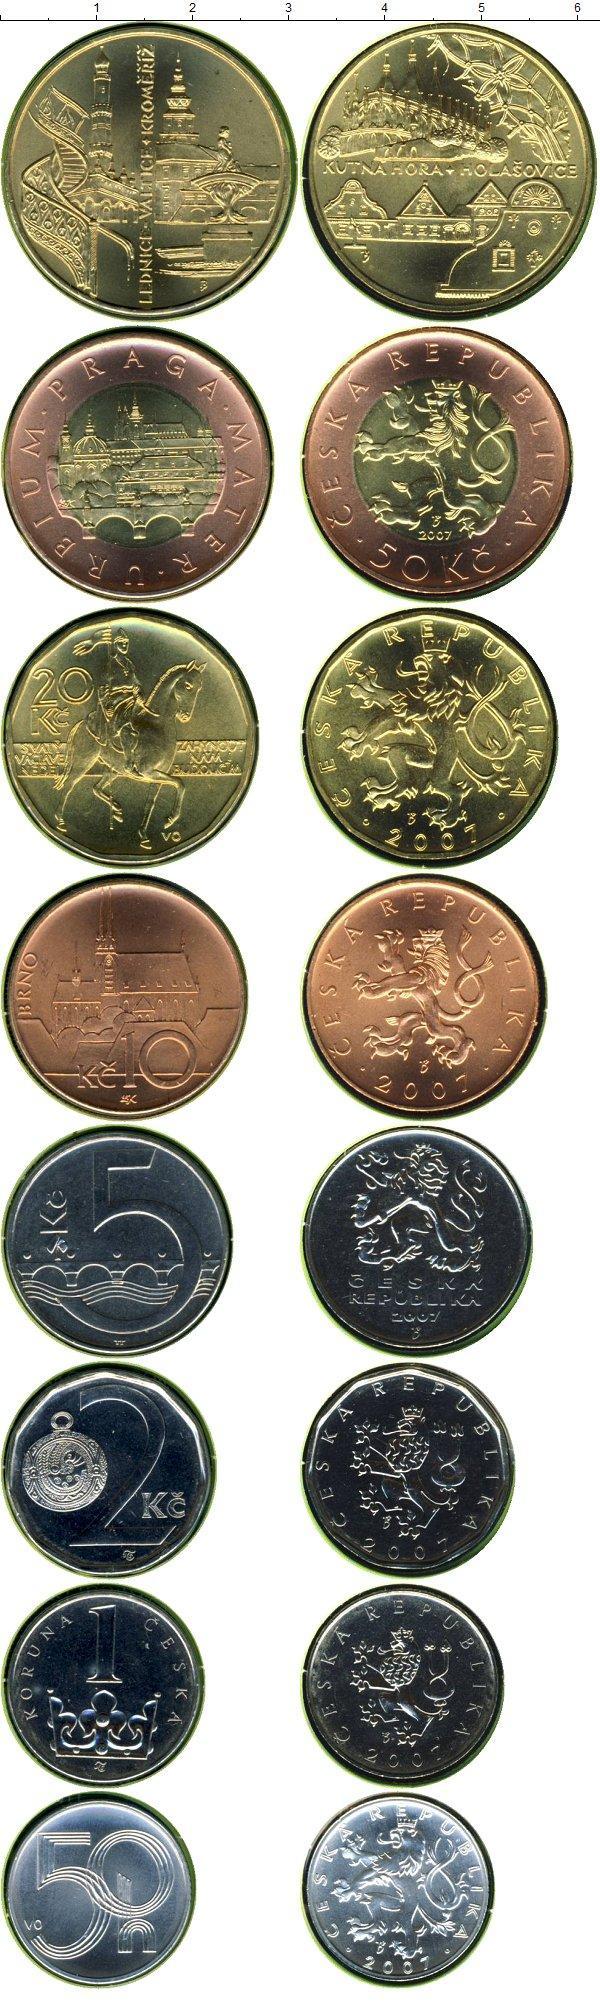 Каталог монет - Чехия Выпуск 2007